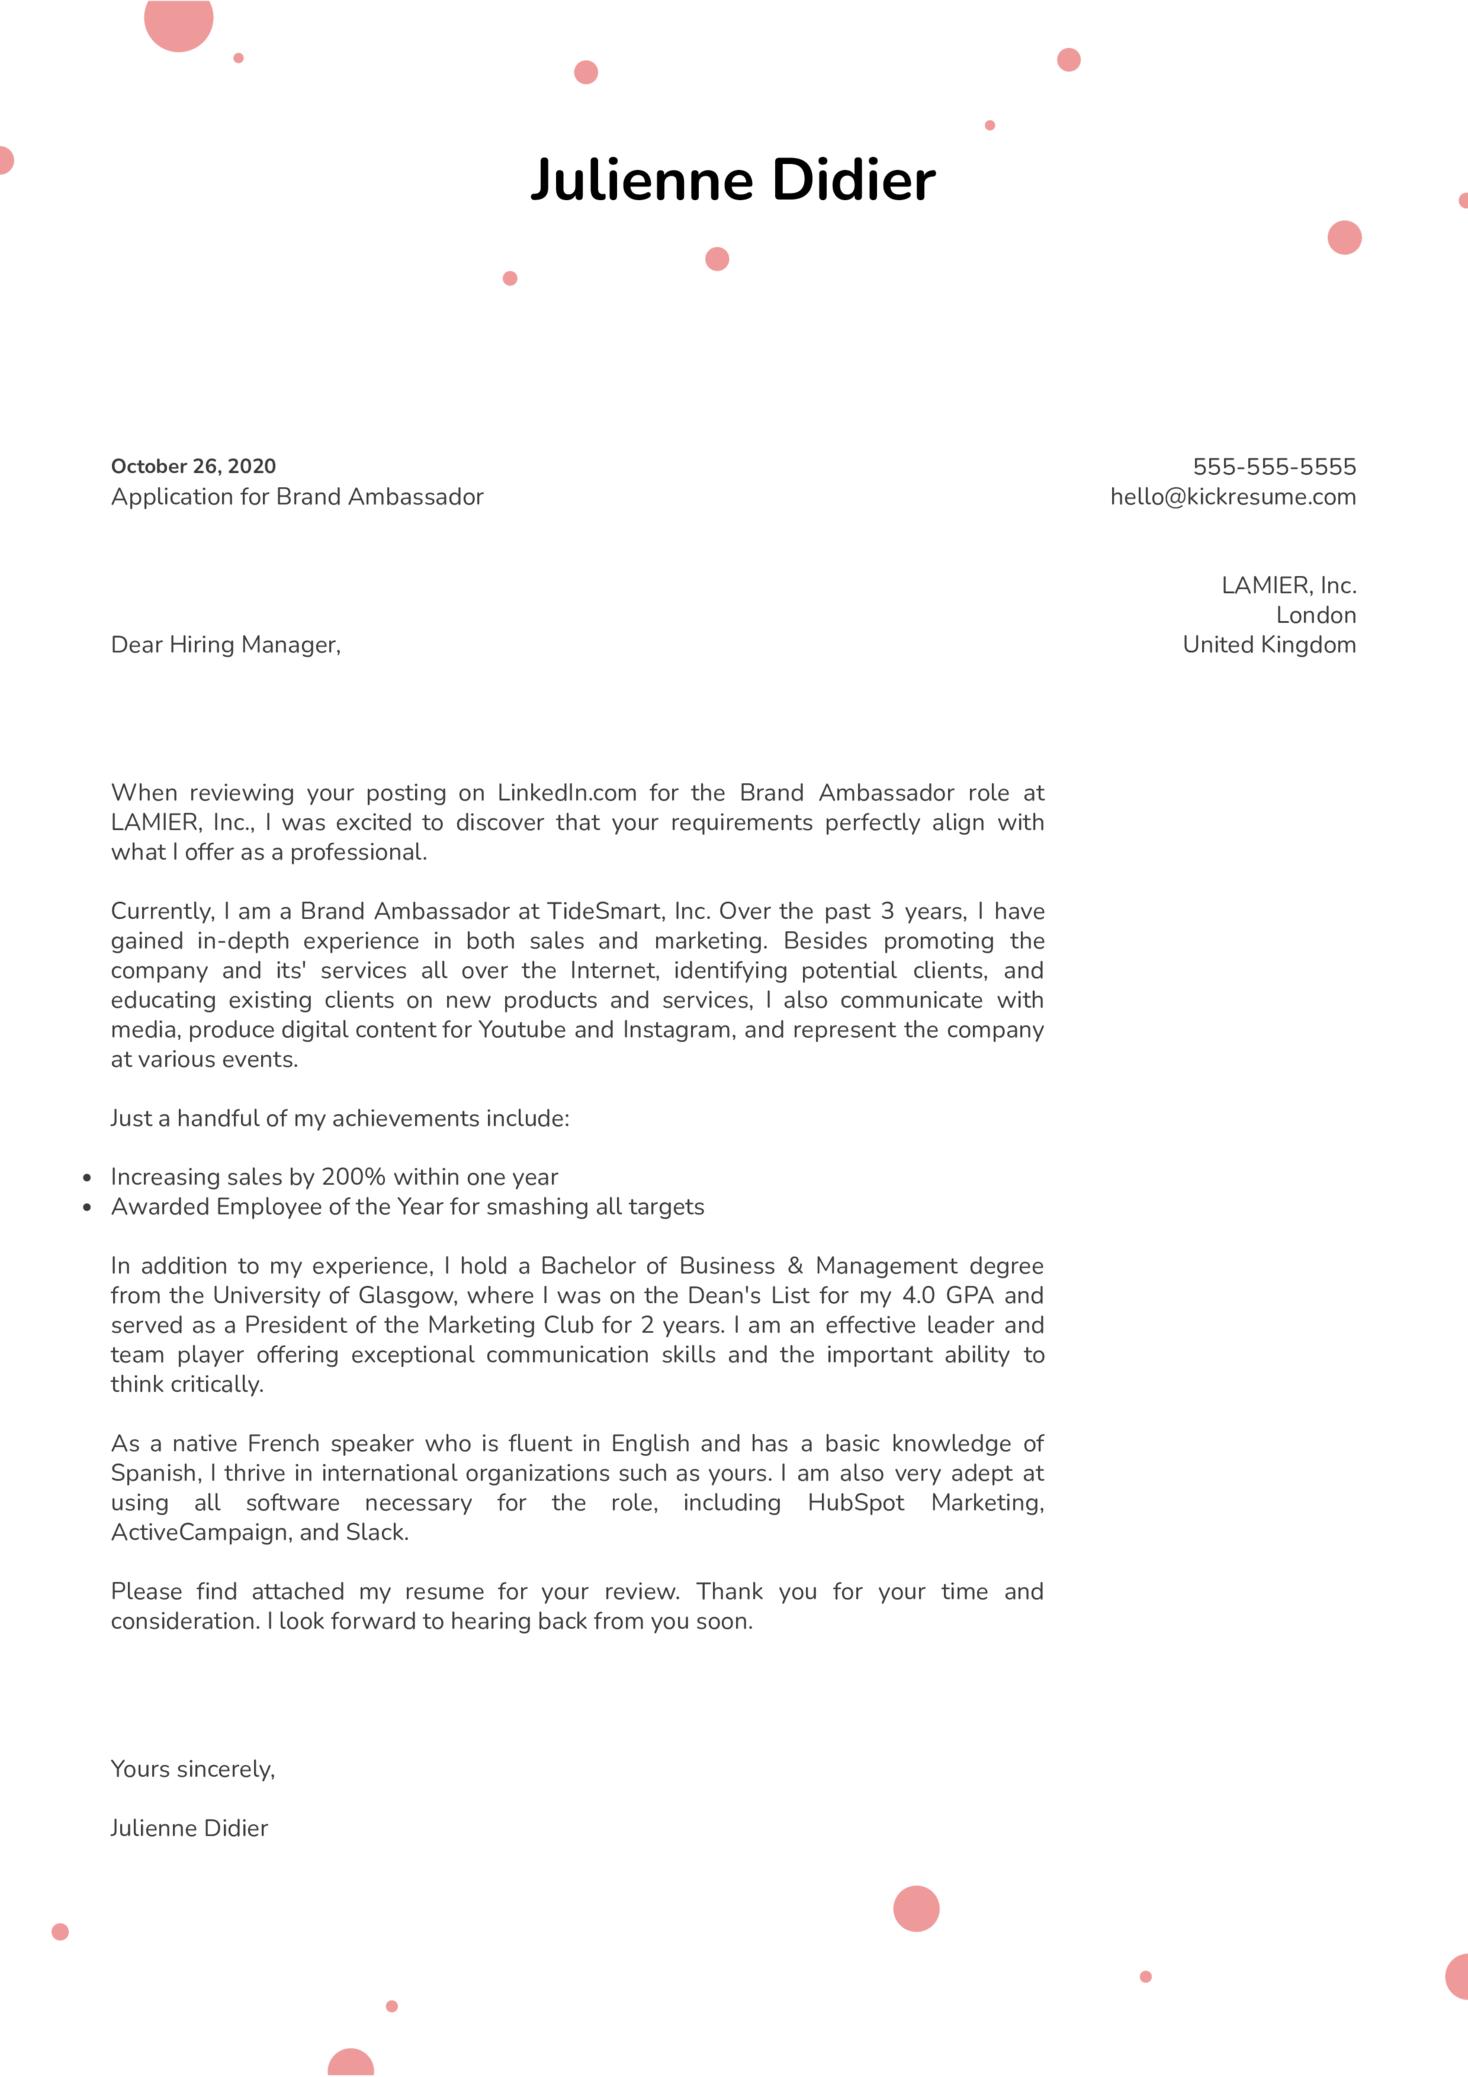 Brand Ambassador Cover Letter Sample Kickresume